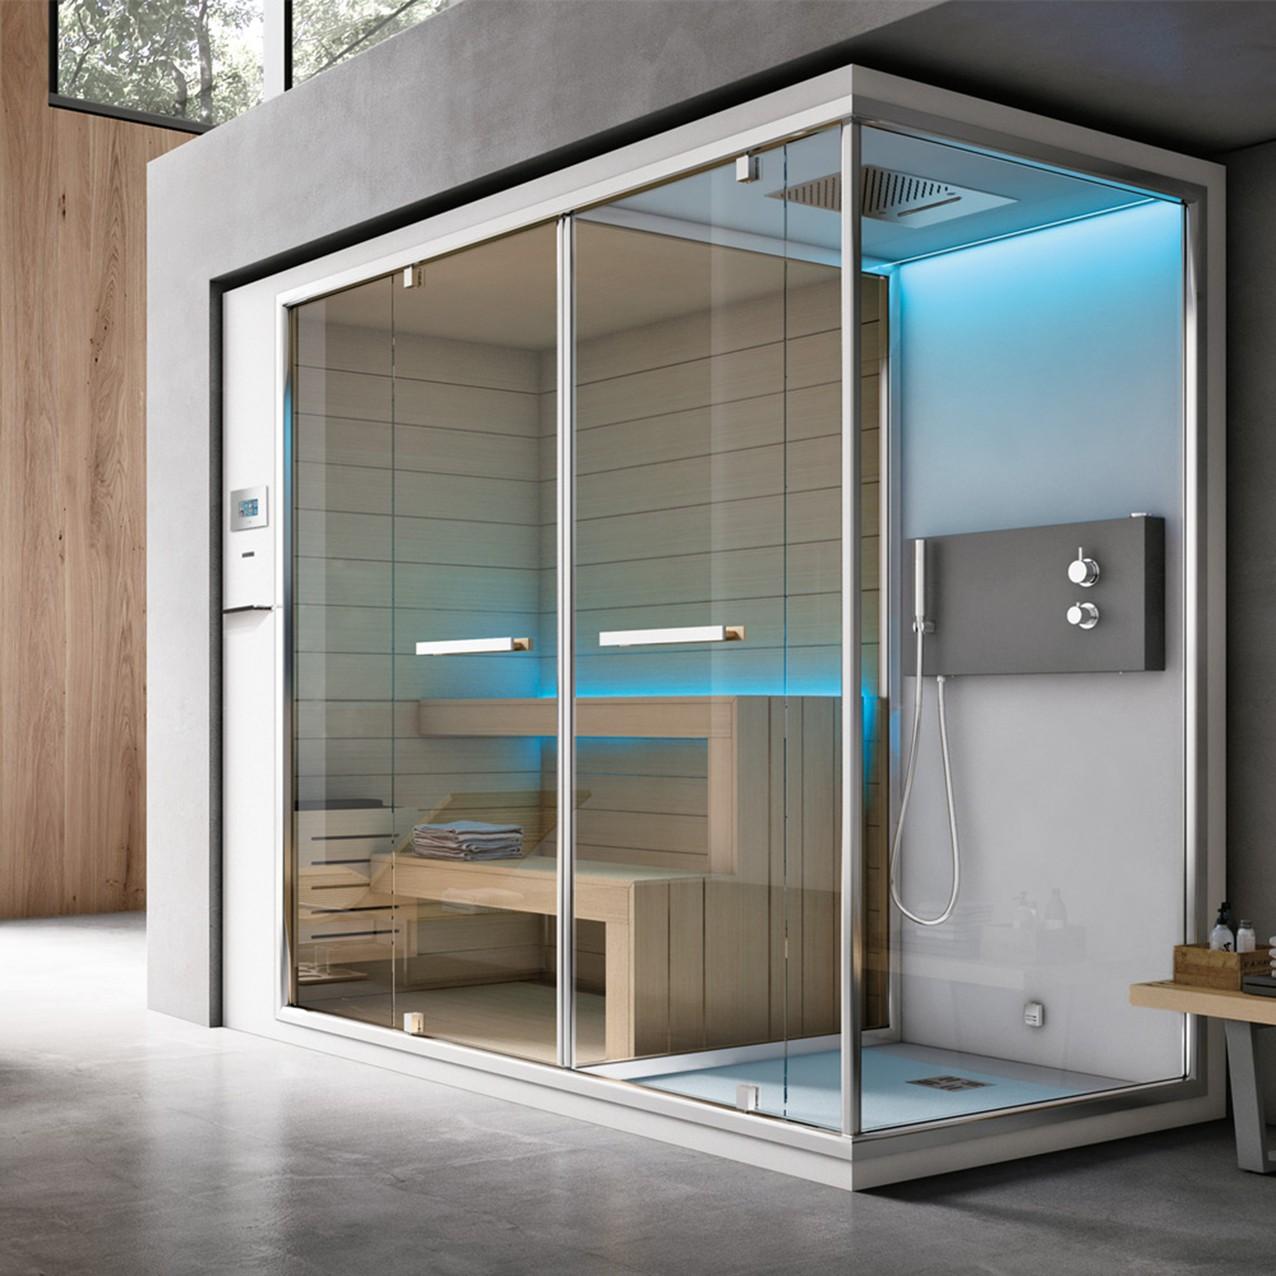 Ethos C Sauna